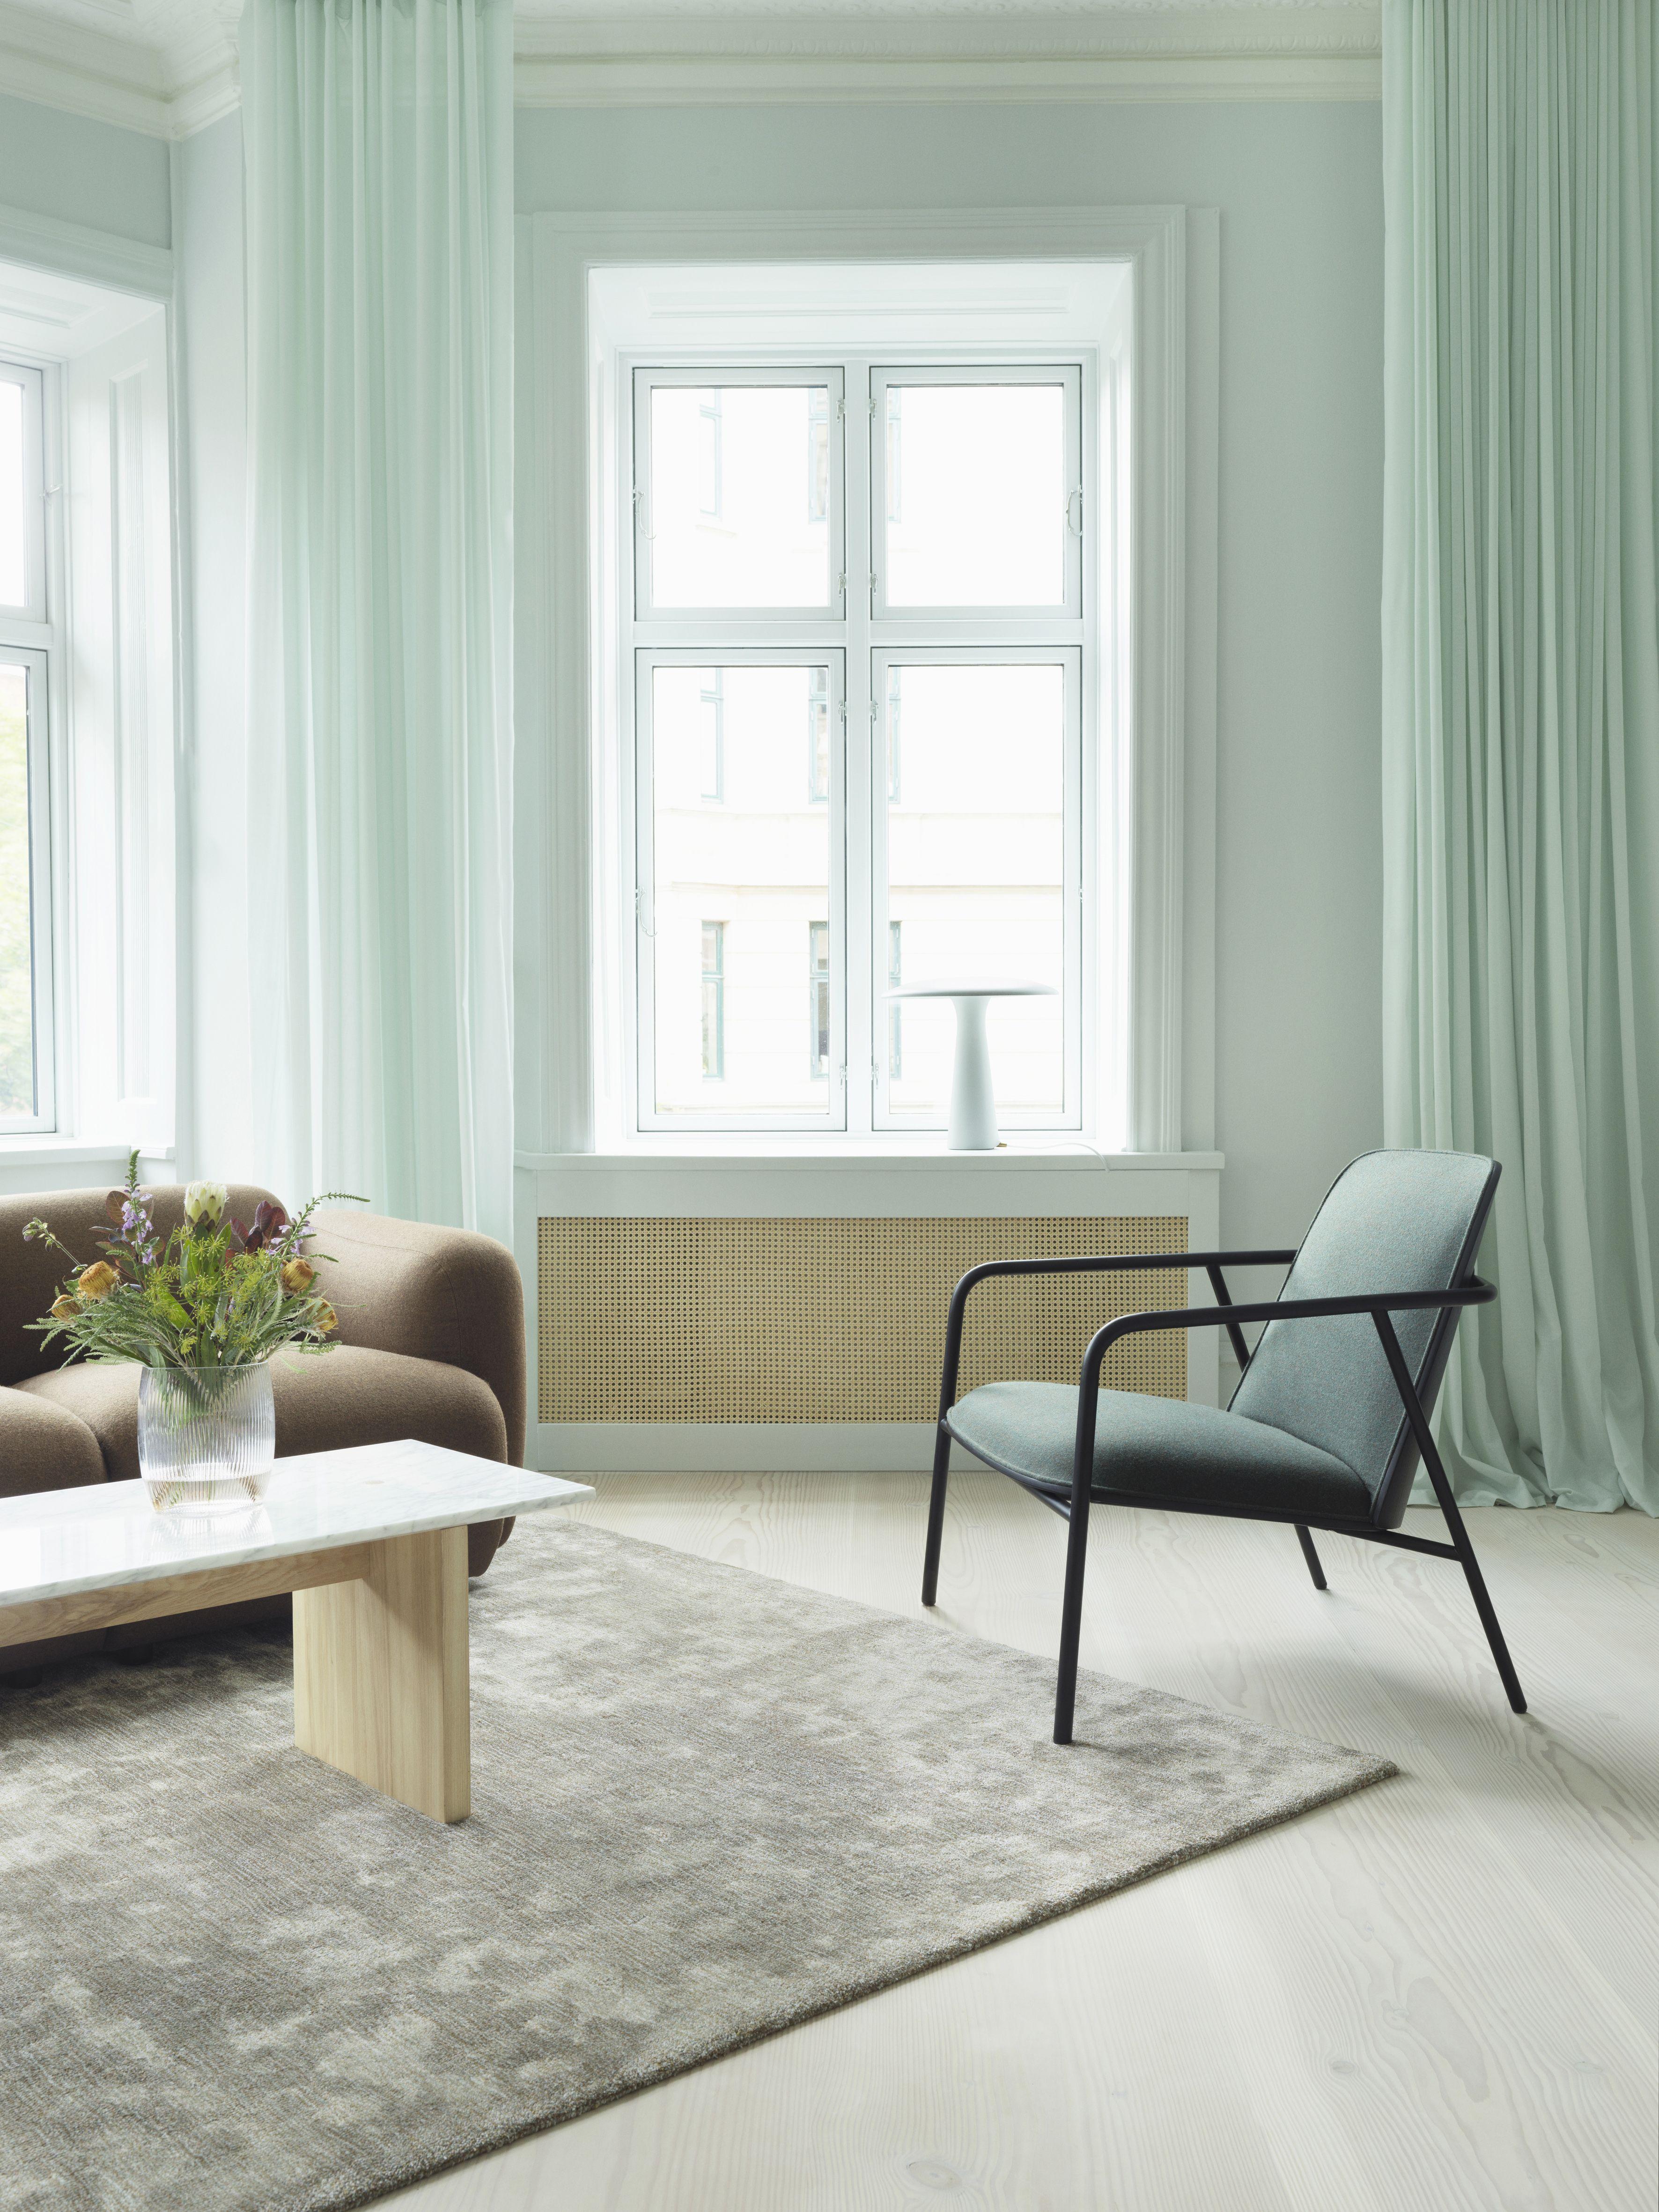 Air Curtains For Living Room Boligindretning Ideer Boligindretning Interior